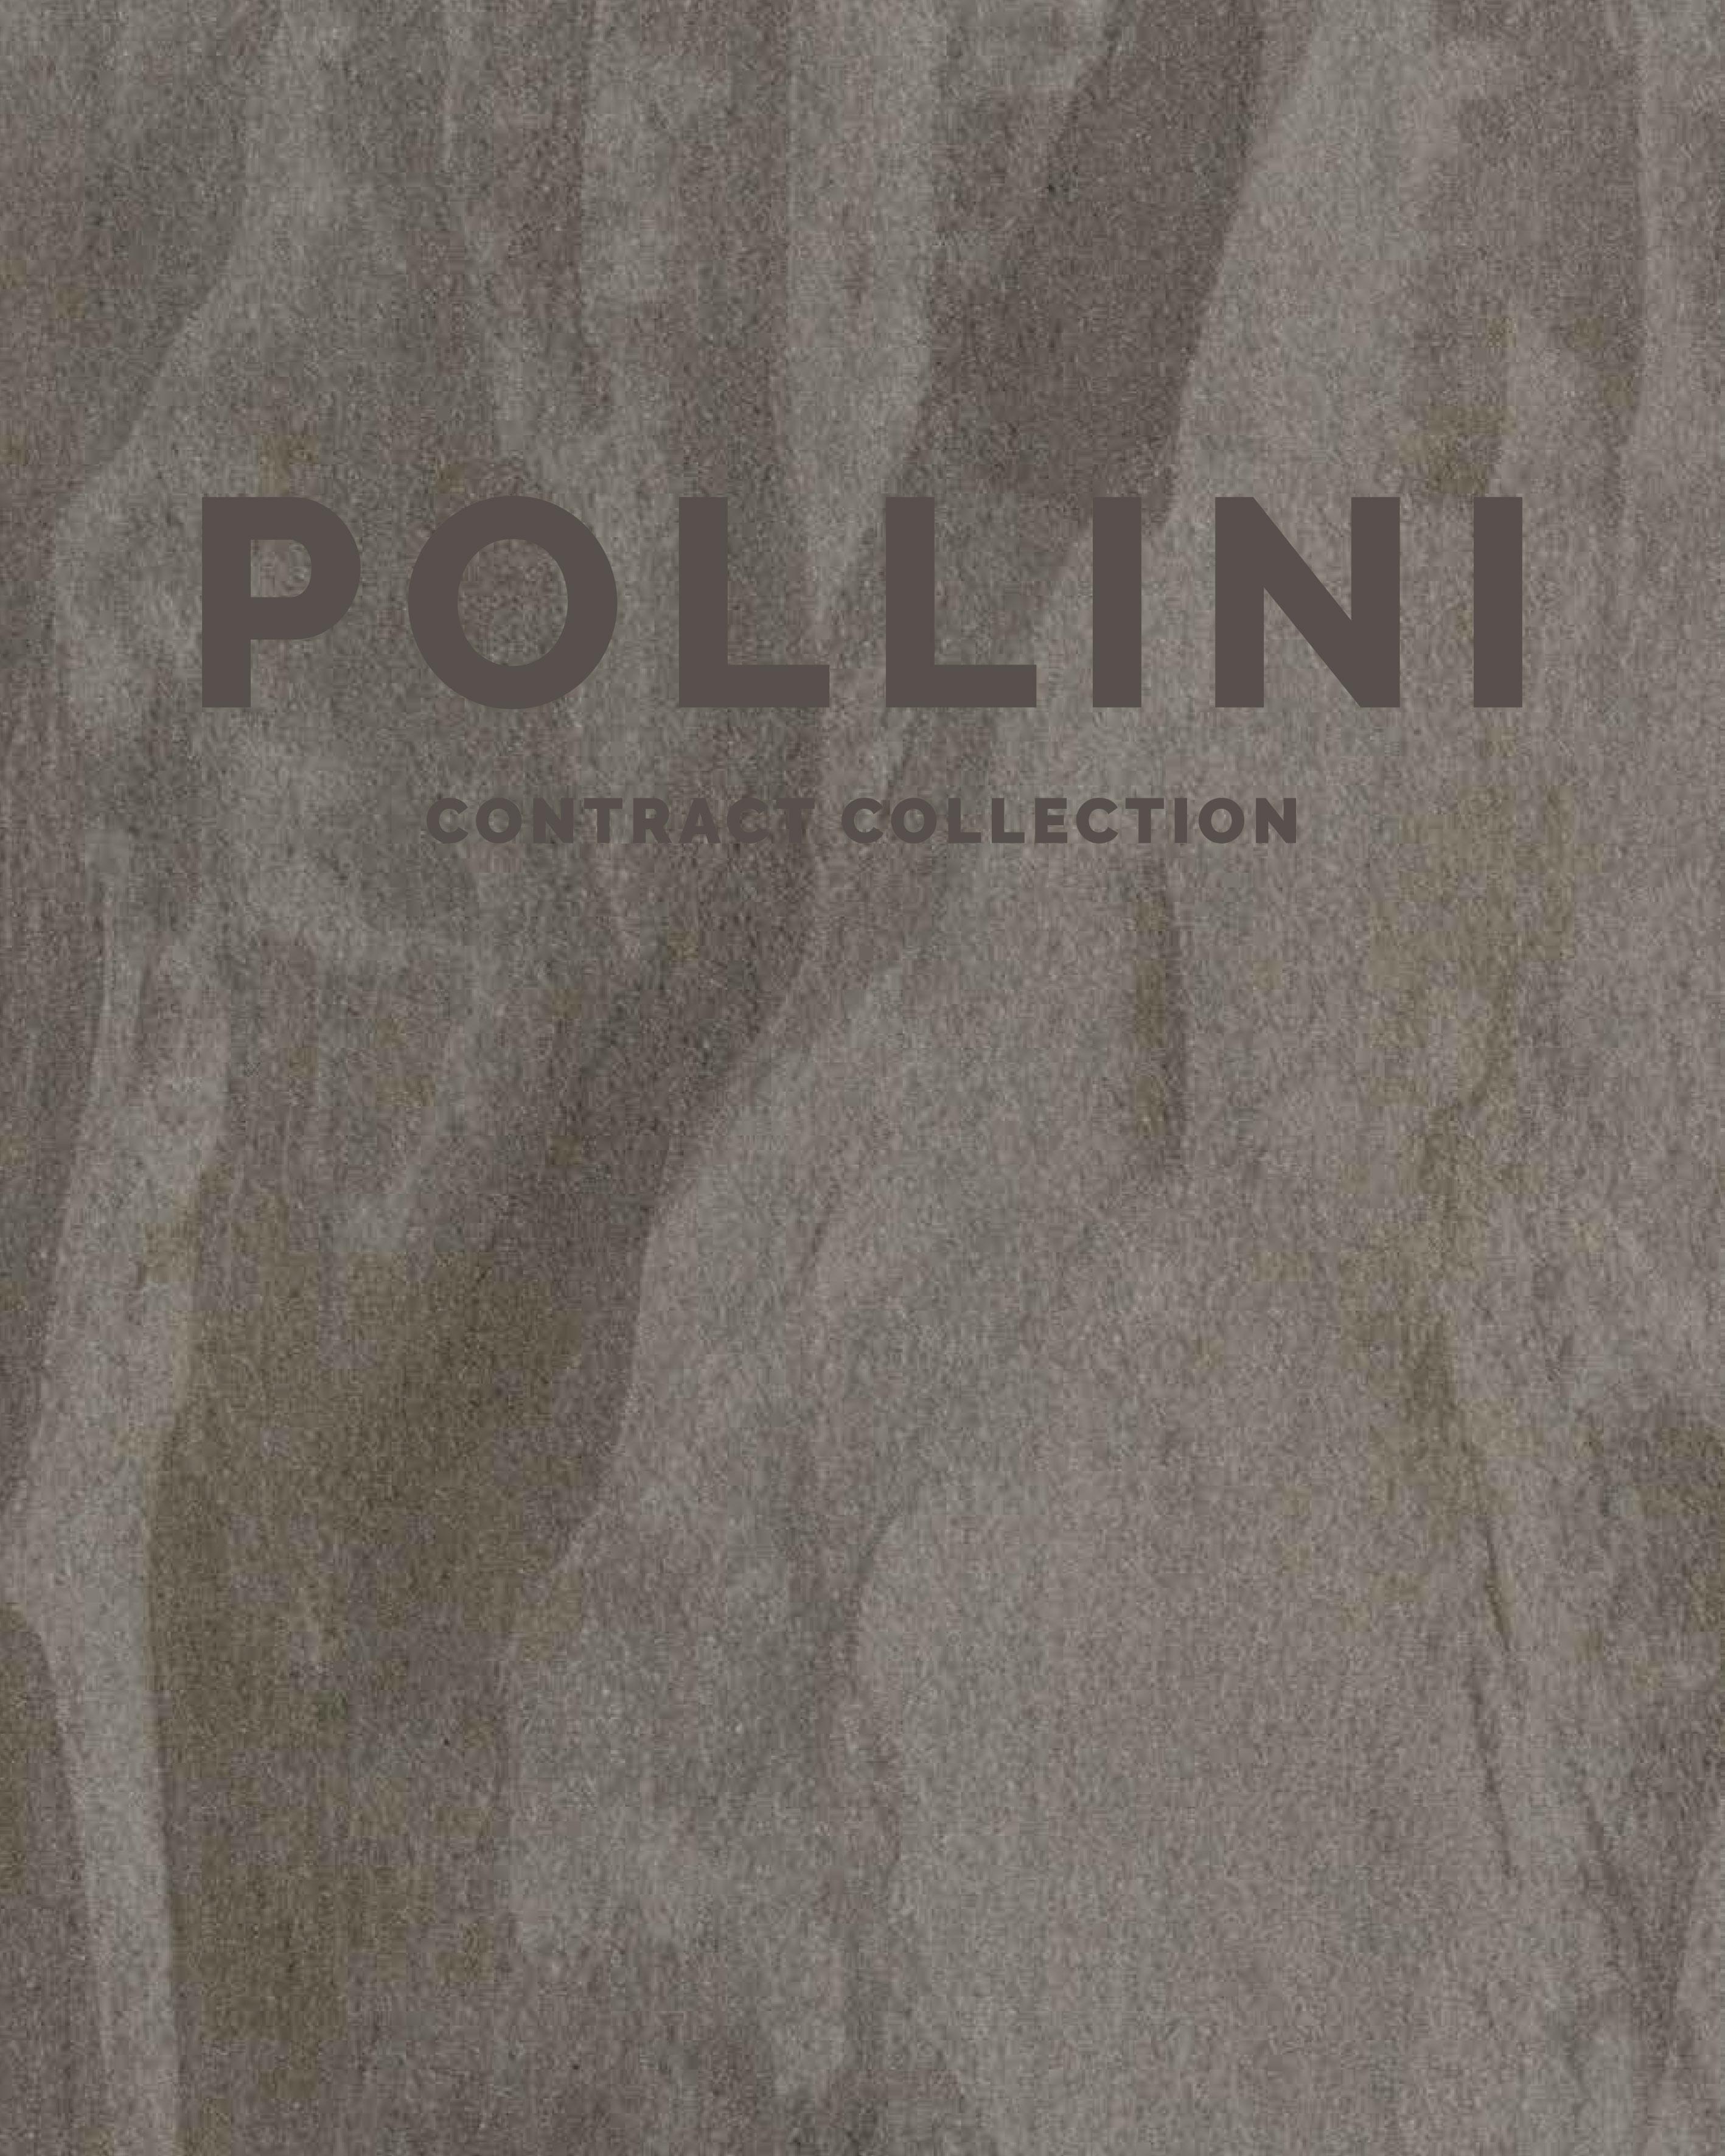 Mobili Avellino E Provincia catalogo contract collection - mobili pollini - longiano